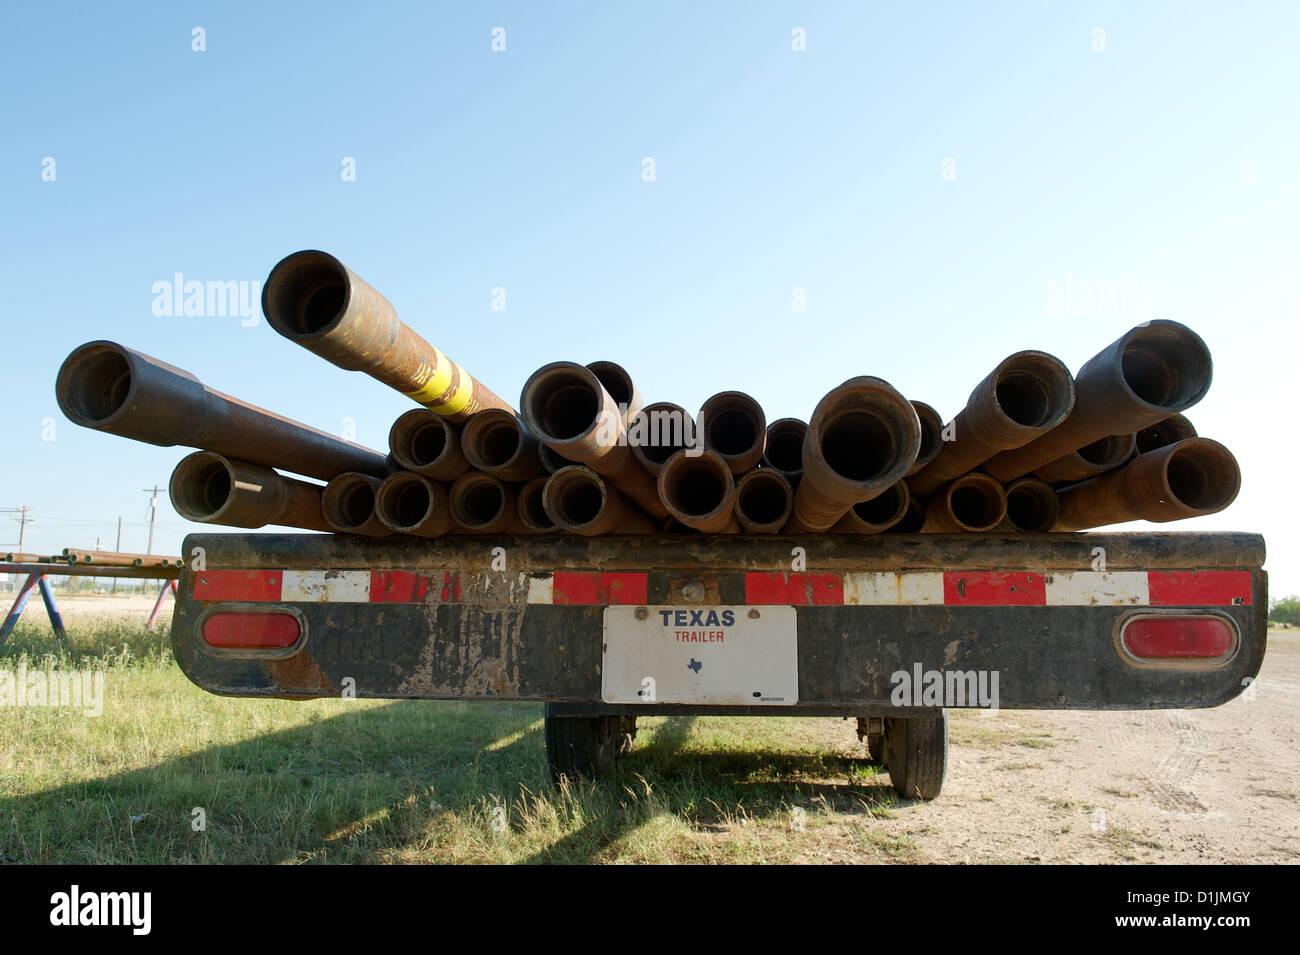 Metallrohre Ölquelle Gehäuse auf einem Anhänger zwischen San Angelo und Christoval, TX, USA. Öl Stockbild